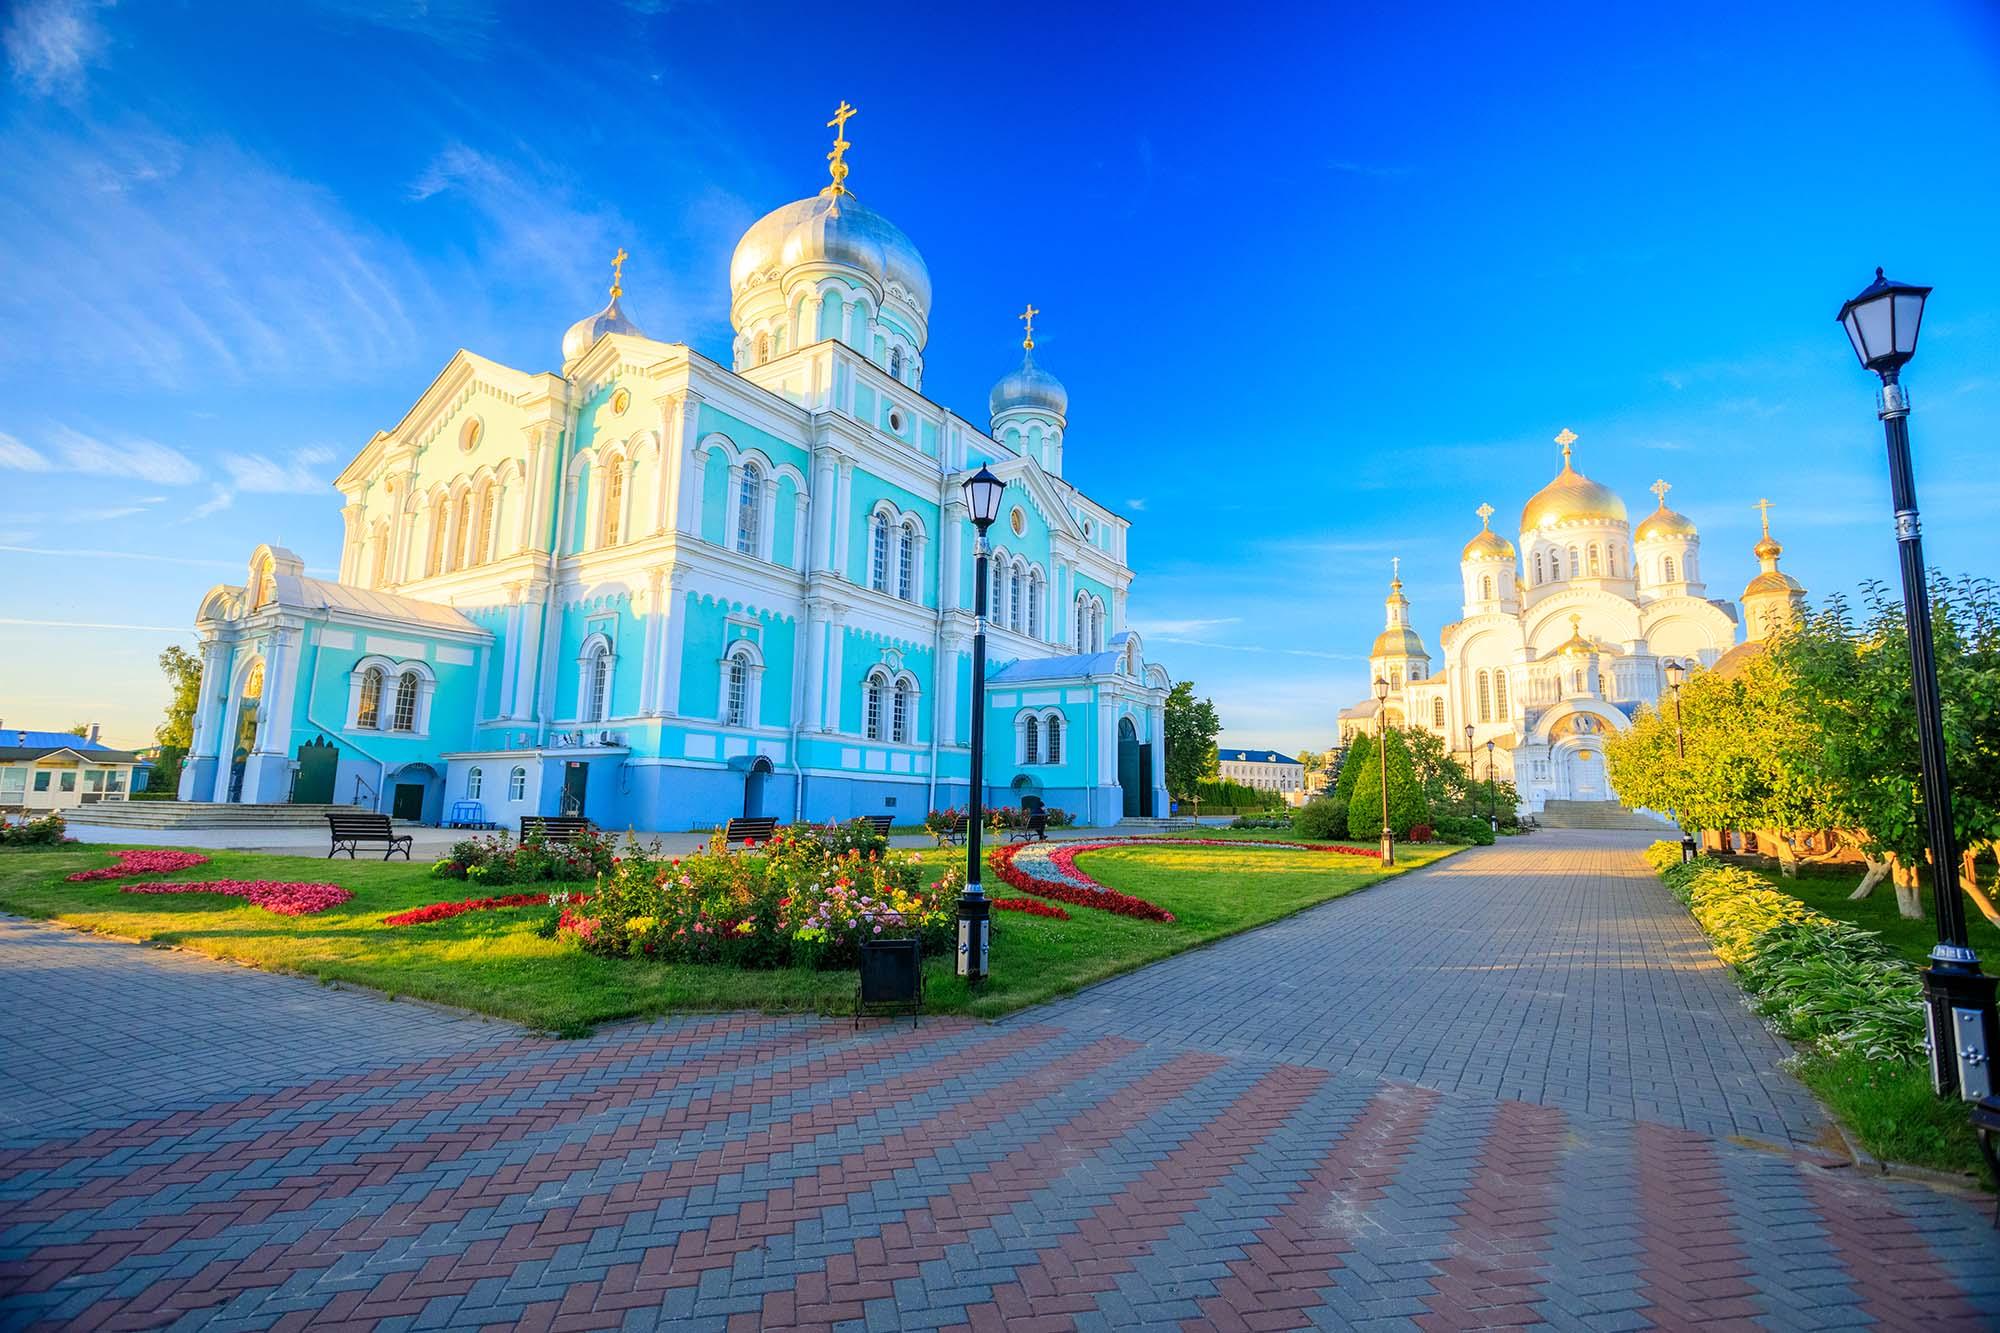 Онлайн-трансляцию богослужений в день памяти преподобного Серафима Саровского из Дивеевского монастыря можно будет посмотреть на портале «Серафимова земля»